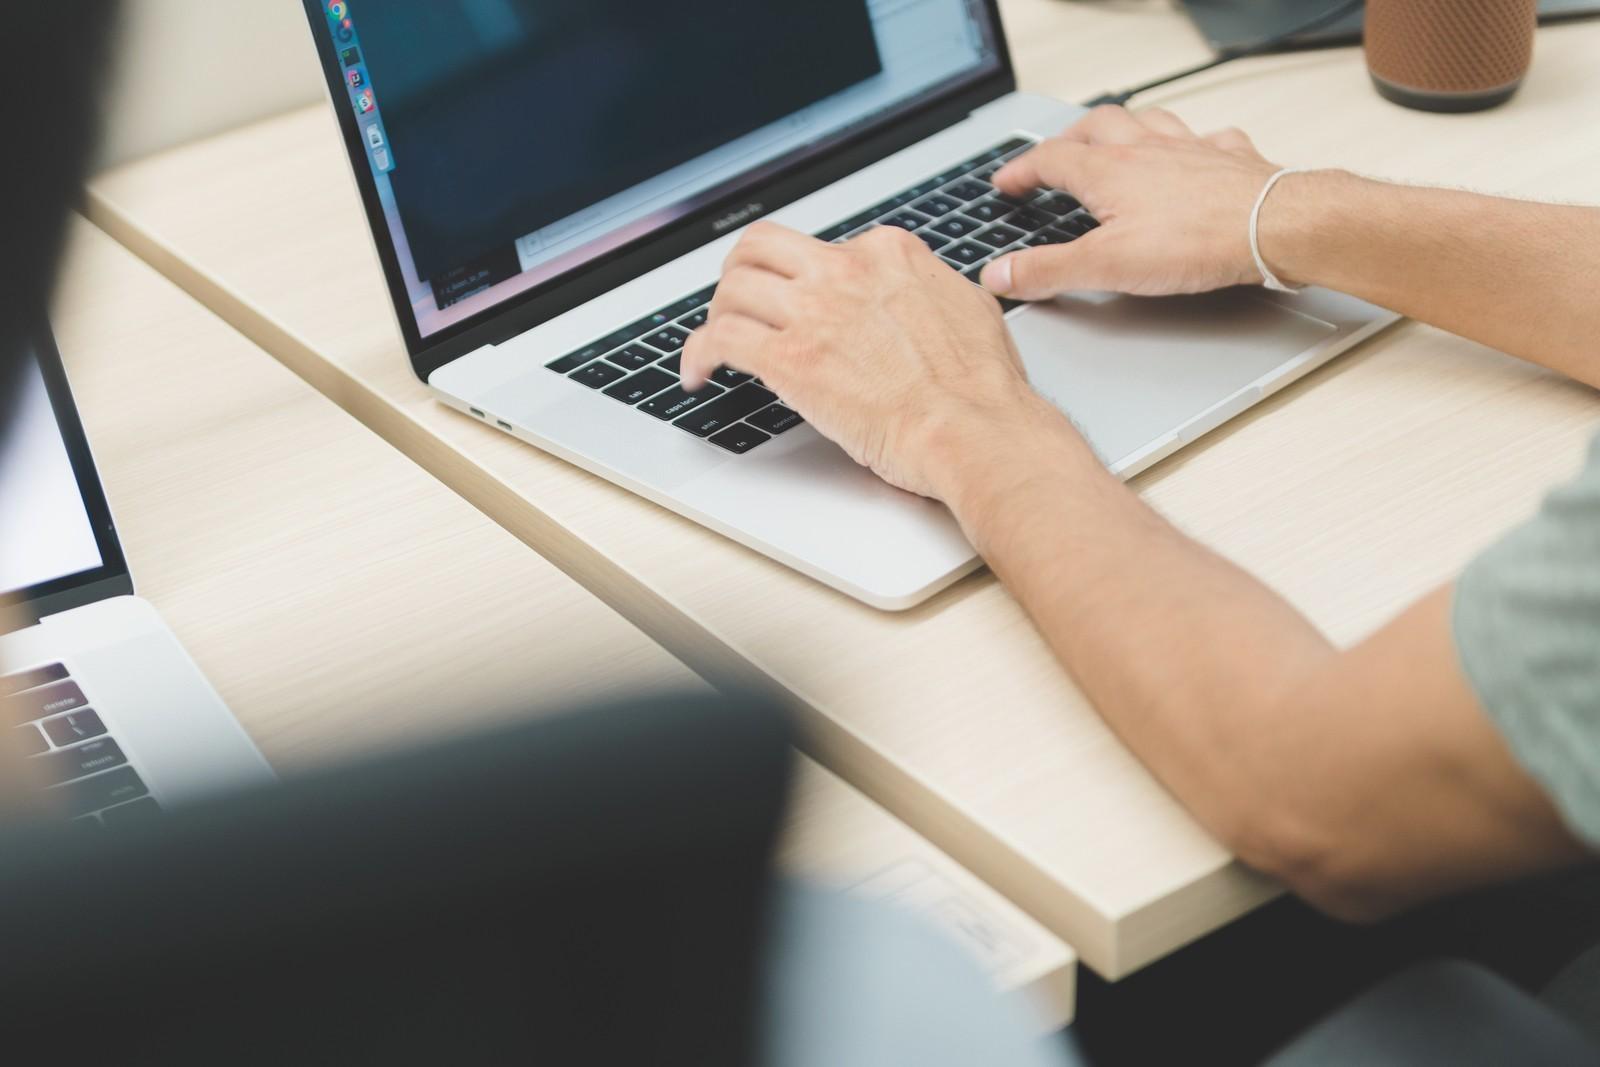 【業務システム開発PM】LINEサービスの運営効率化を推進するツール/システム開発担当